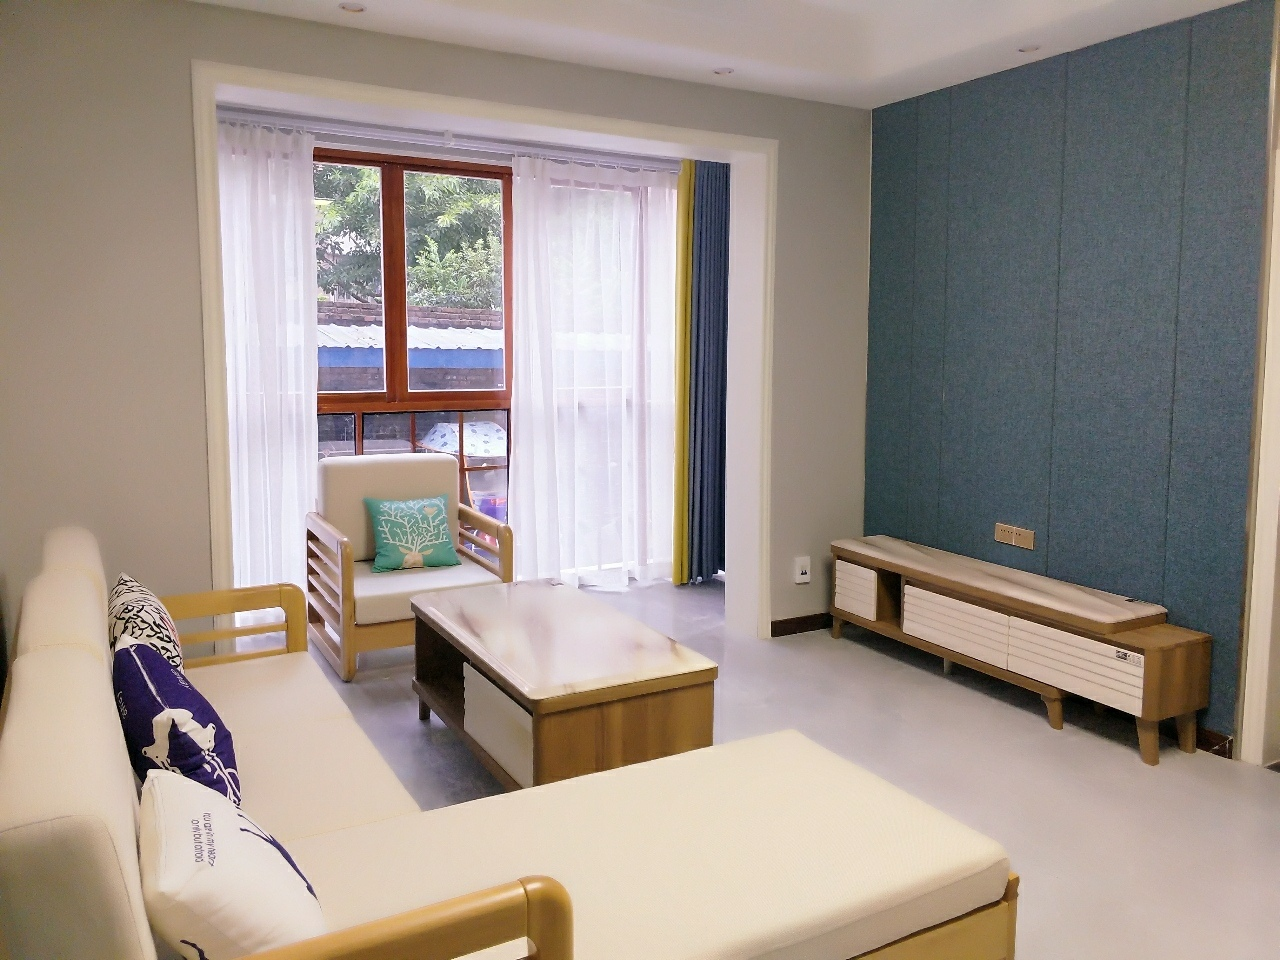 三转盘诚信苑3室2厅精装2楼110平62万元